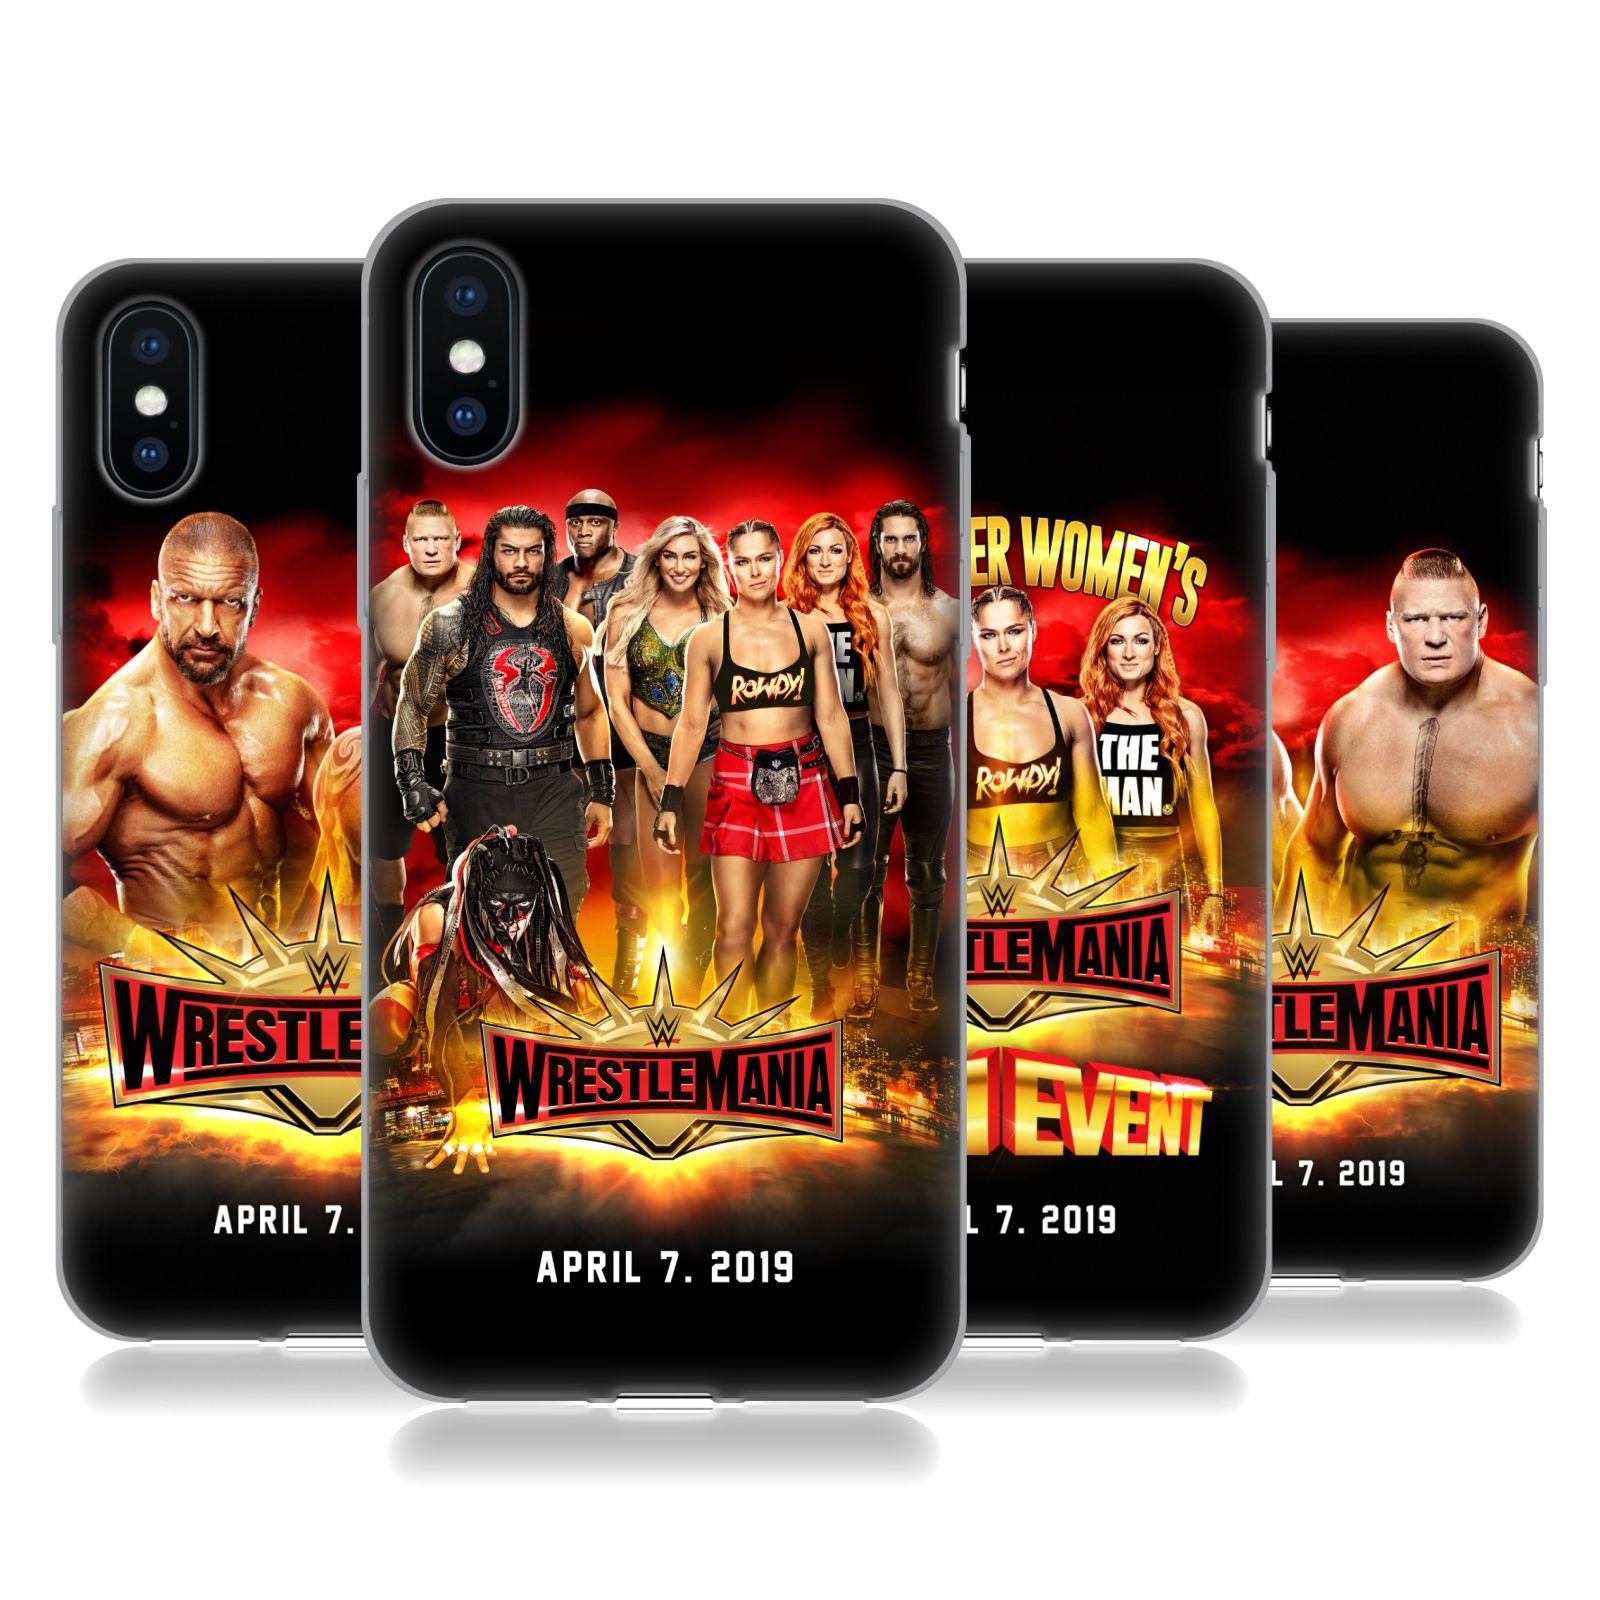 WWE <!--translate-lineup-->Wrestlemania 35<!--translate-lineup-->